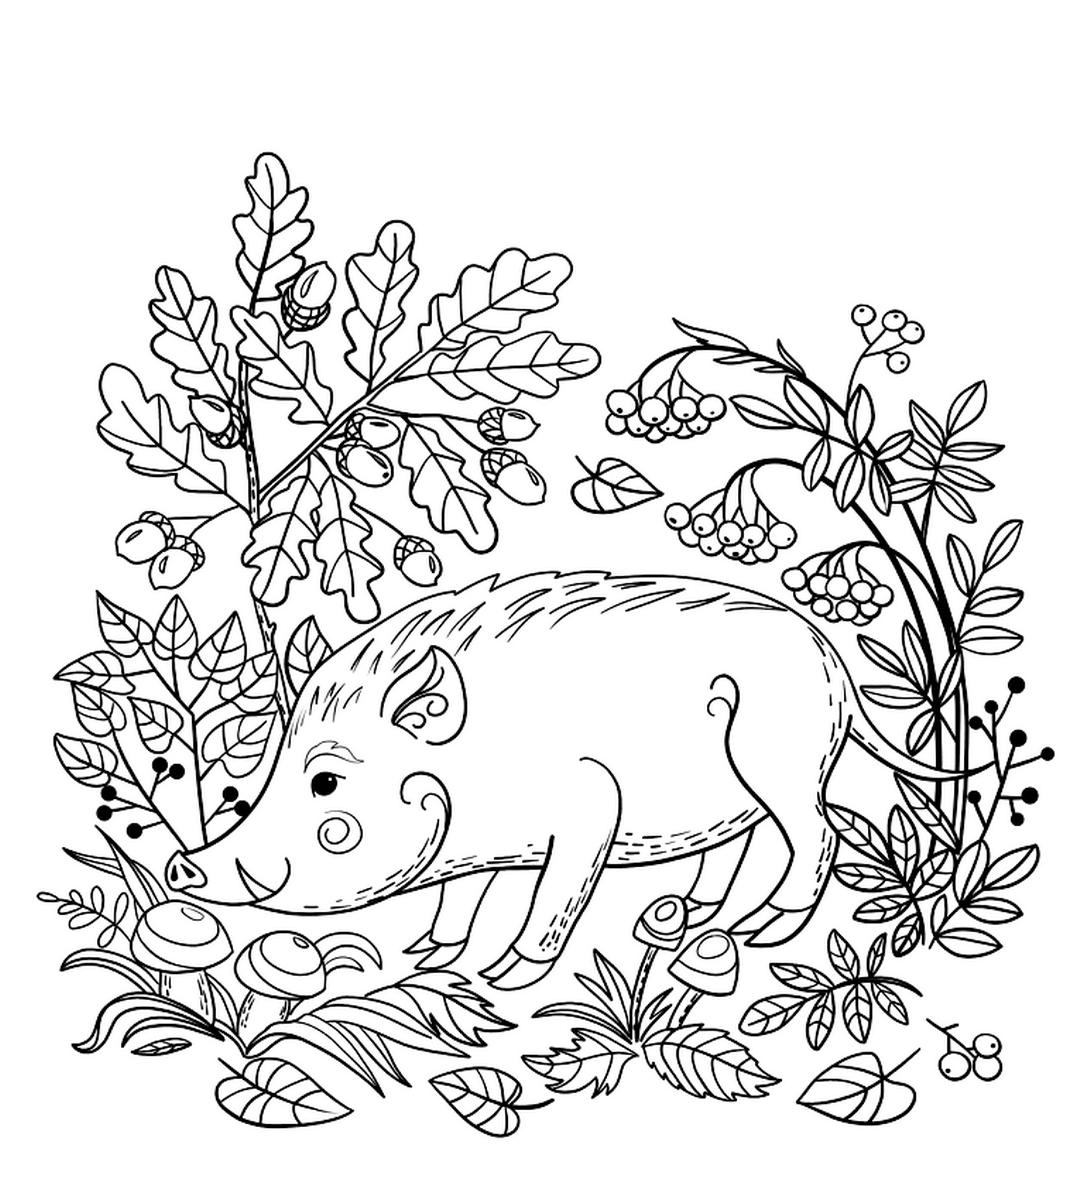 Раскраска Кабан в дикой природе